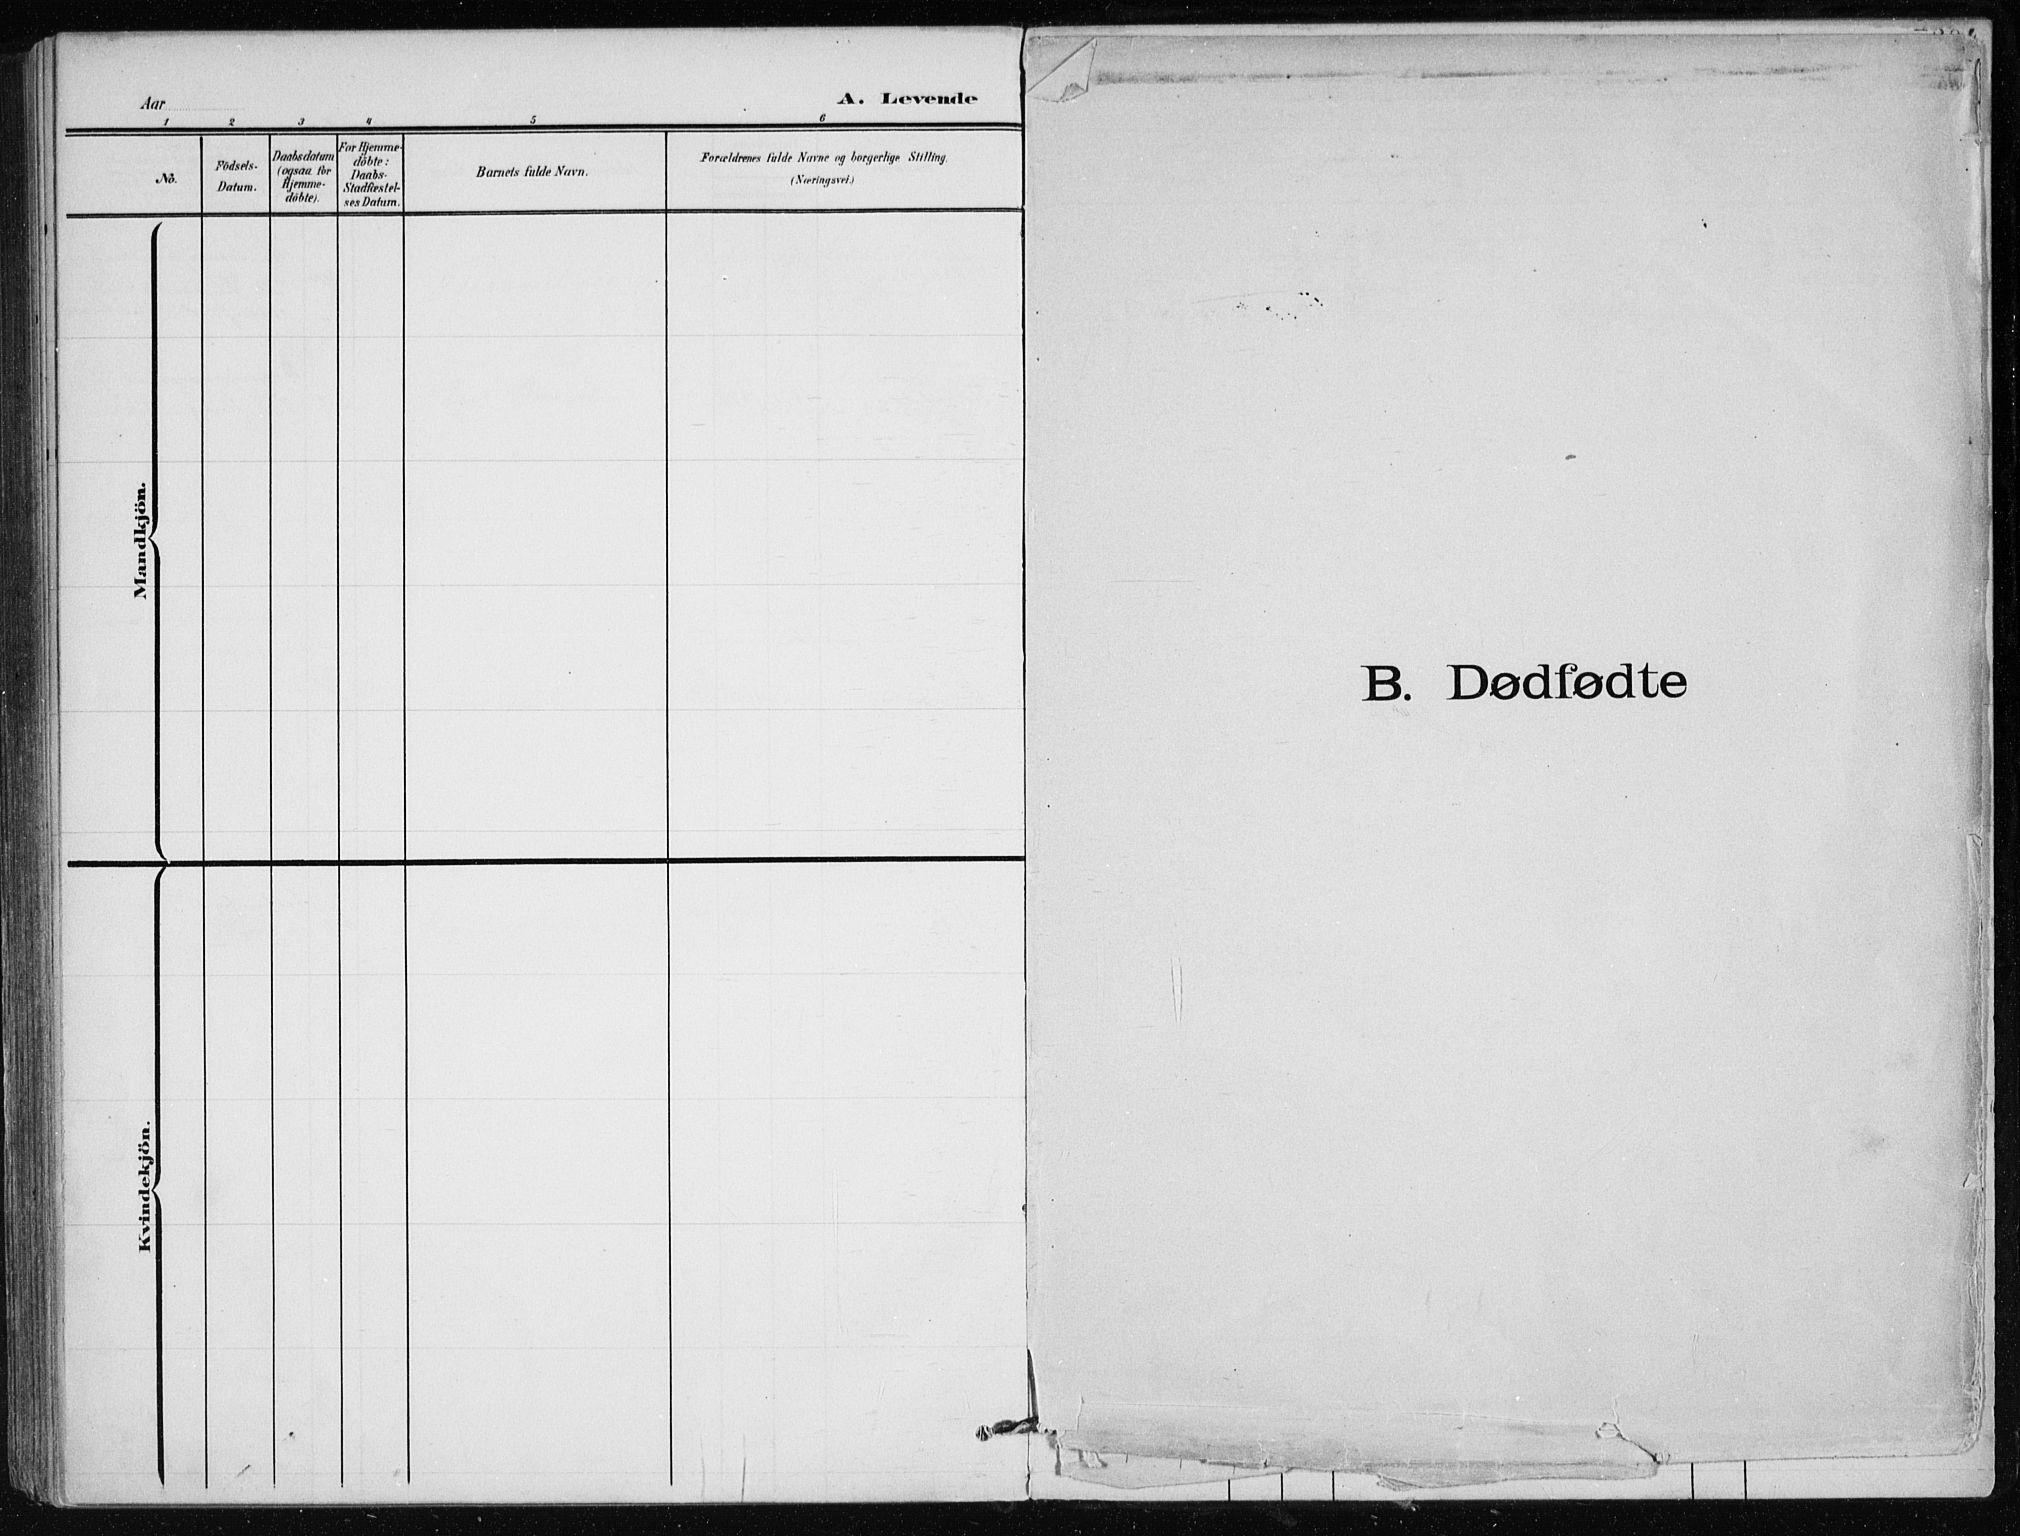 SAT, Ministerialprotokoller, klokkerbøker og fødselsregistre - Nordland, 866/L0941: Parish register (official) no. 866A04, 1901-1917